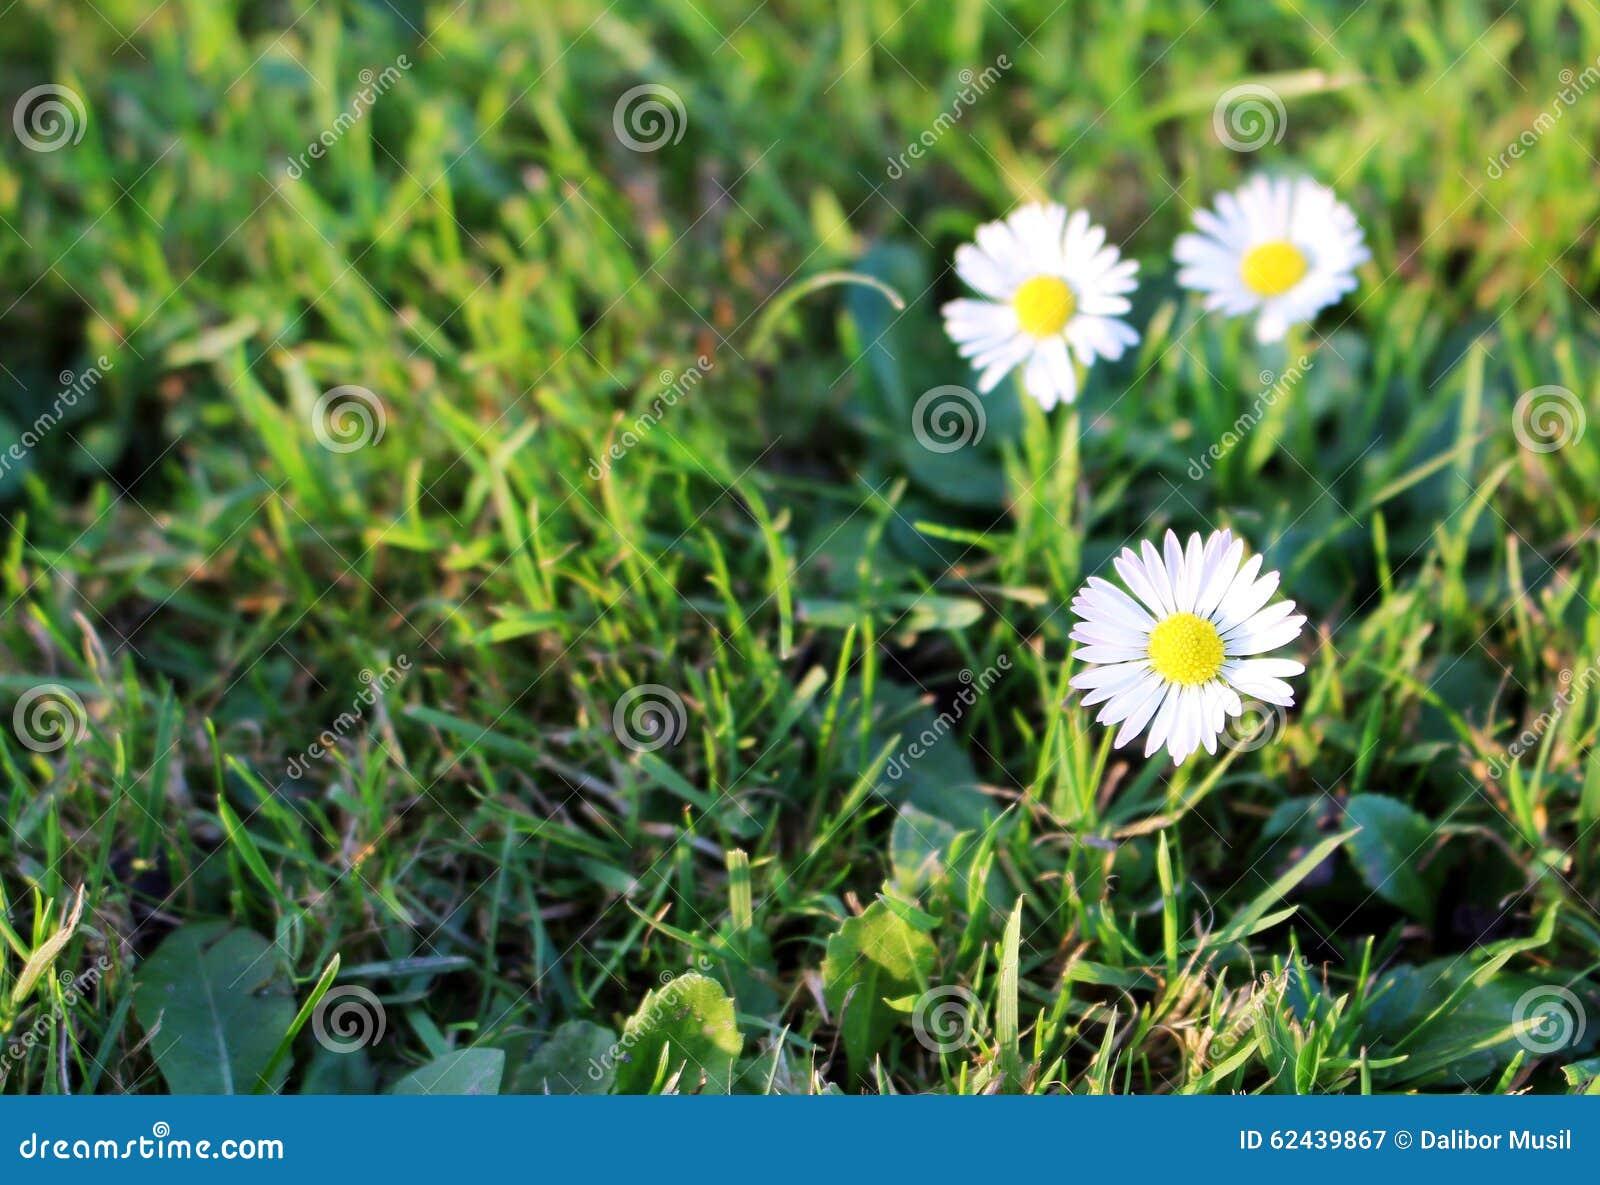 Belle fleur de marguerite blanche dans le jardin photo for Fleurs dans le jardin